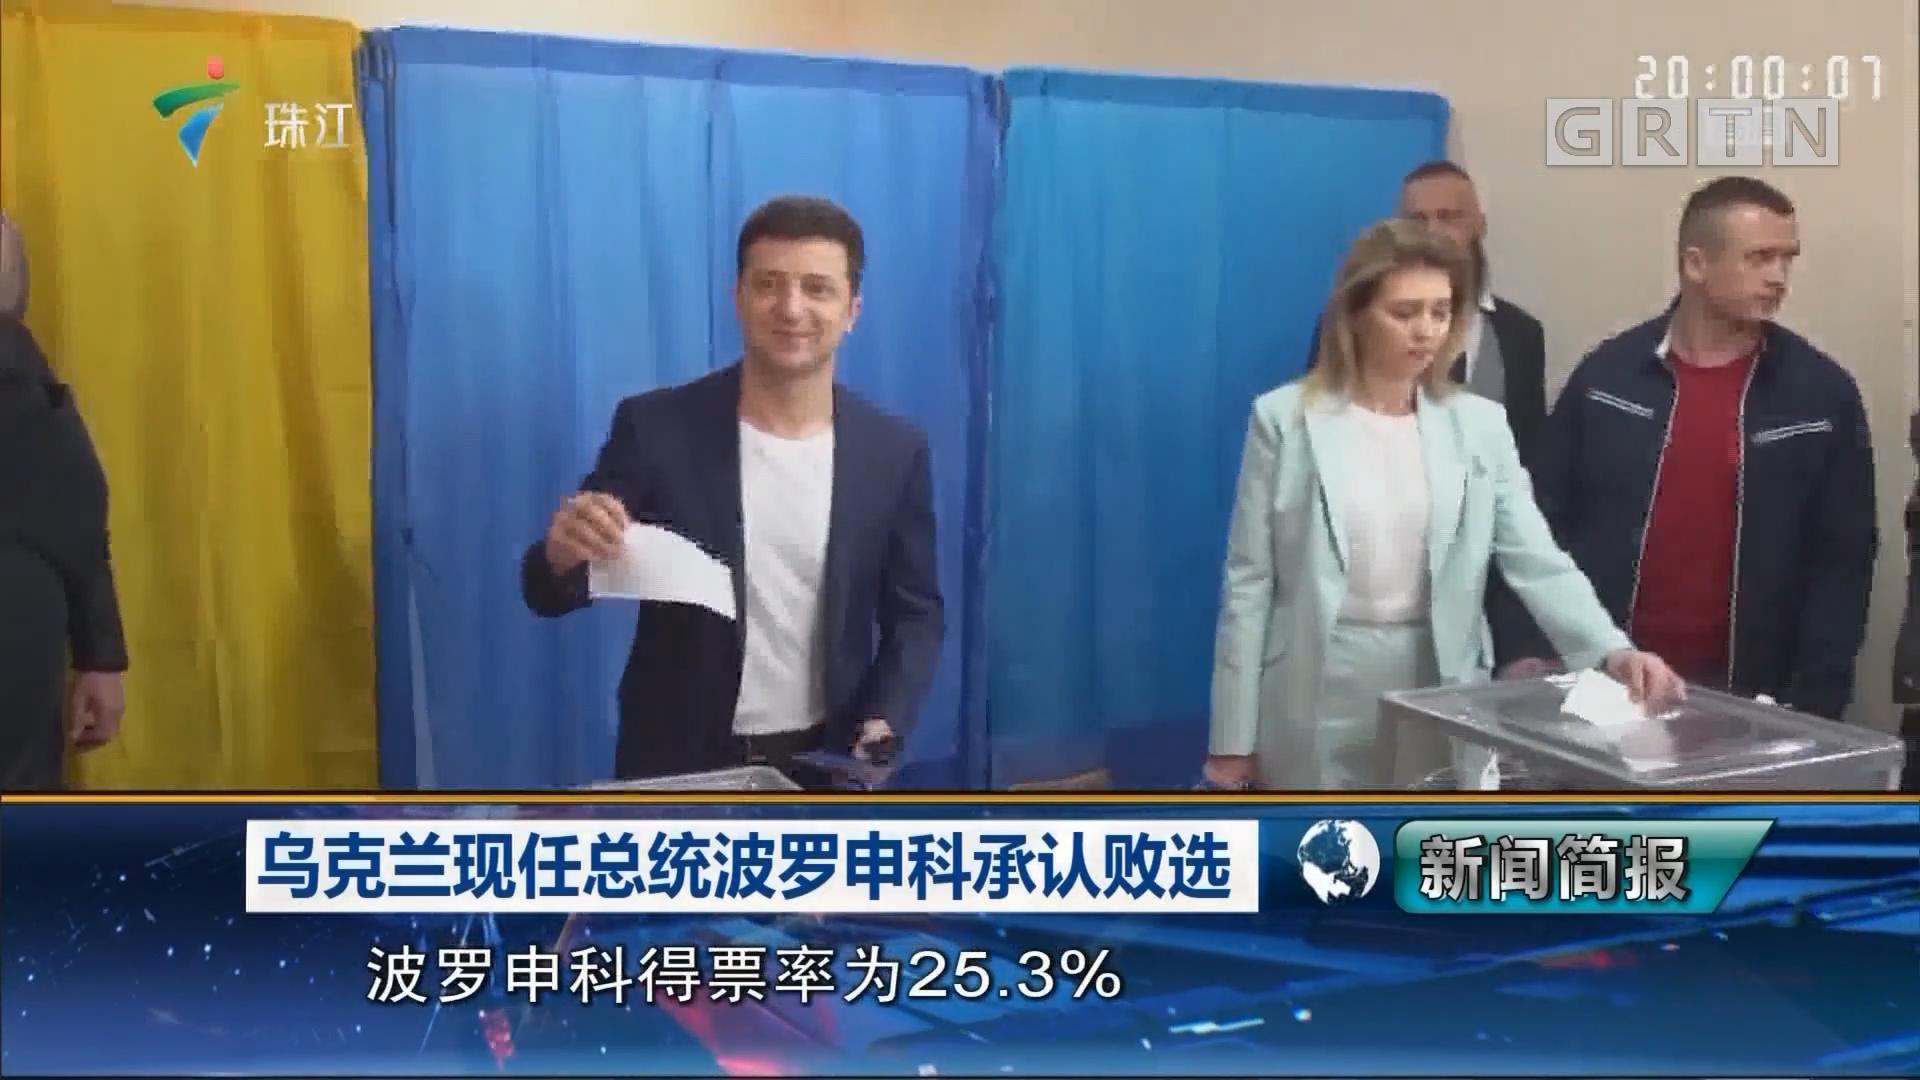 乌克兰现任总统波罗申科承认败选